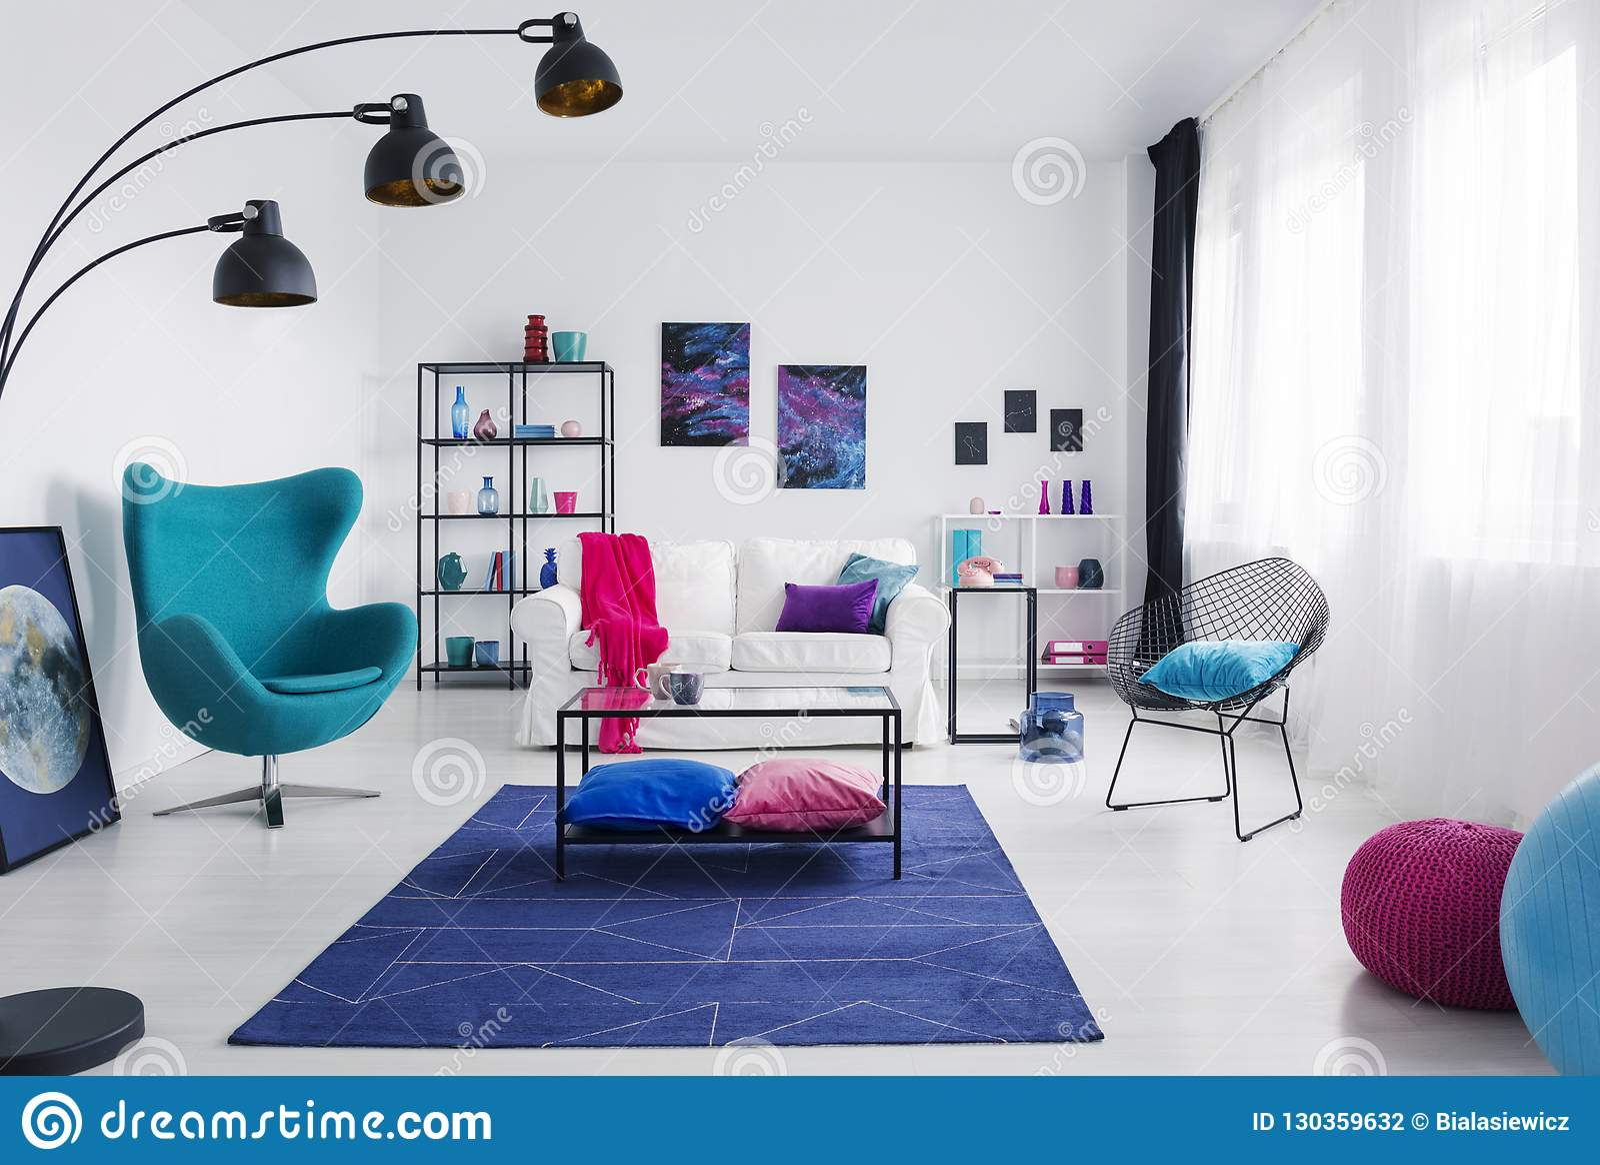 Tableau sur le tapis bleu c t du fauteuil dans l Salon avec fauteuil